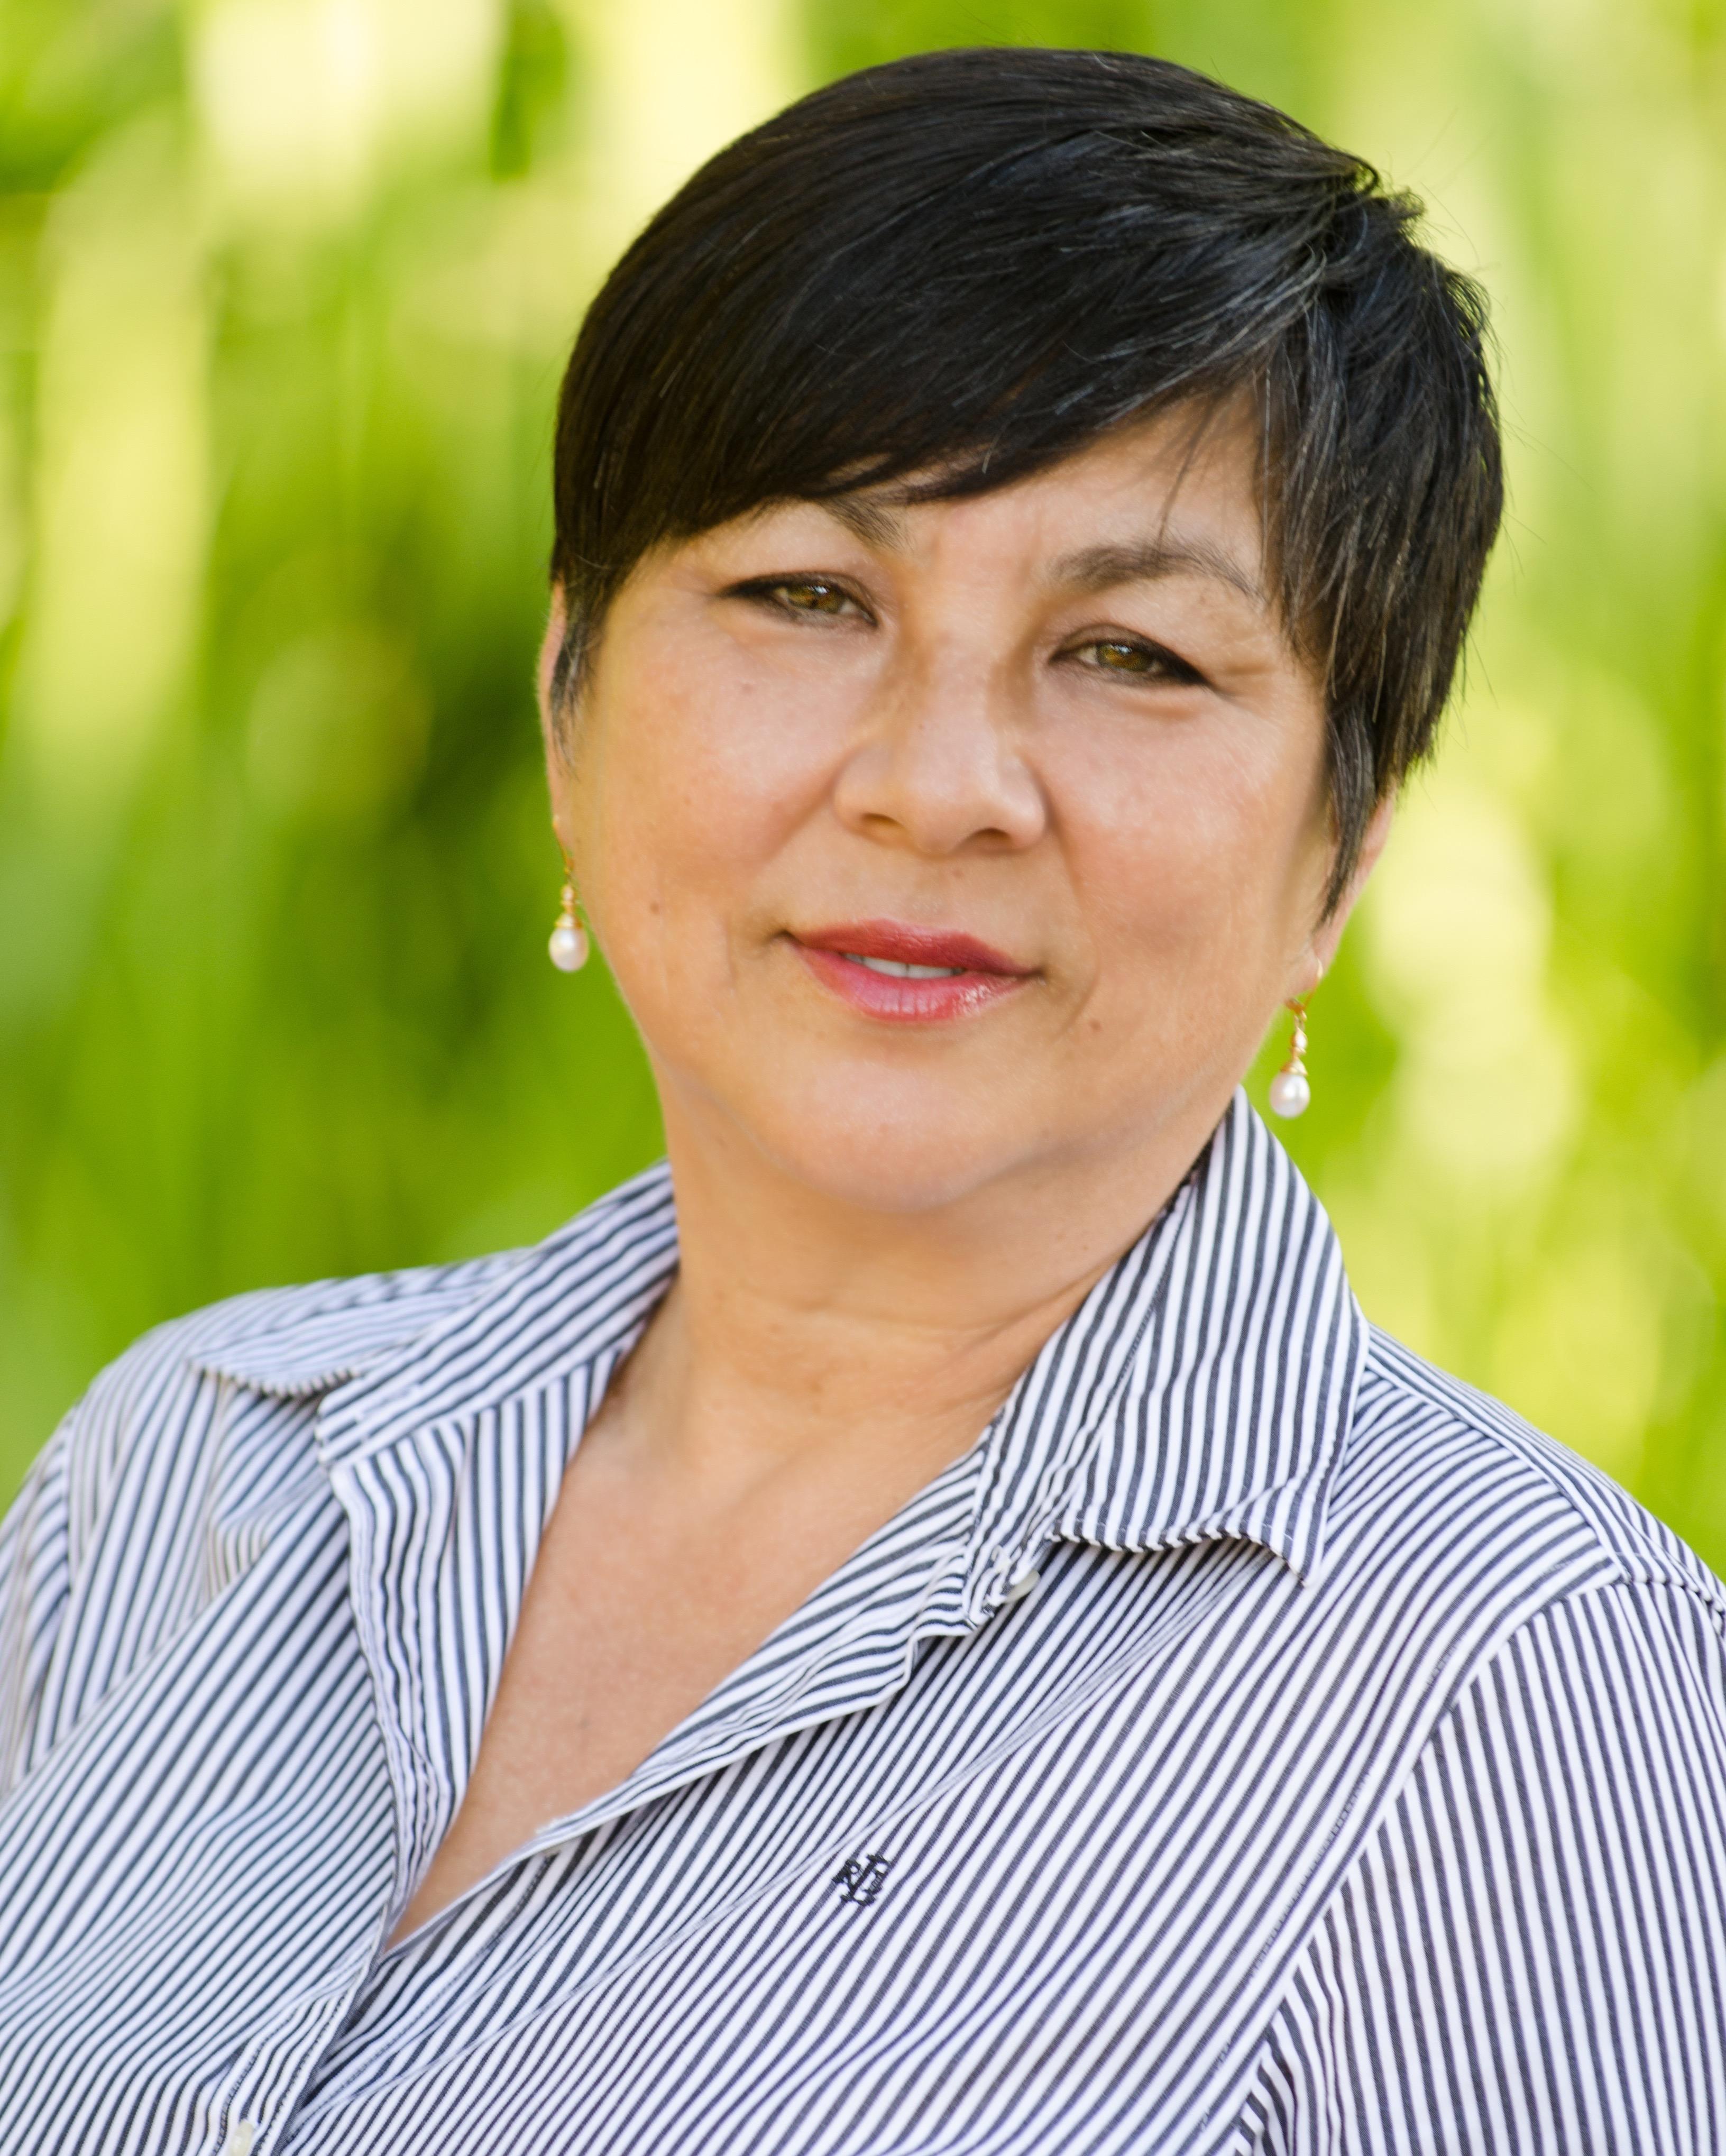 Dania Novack-Katz